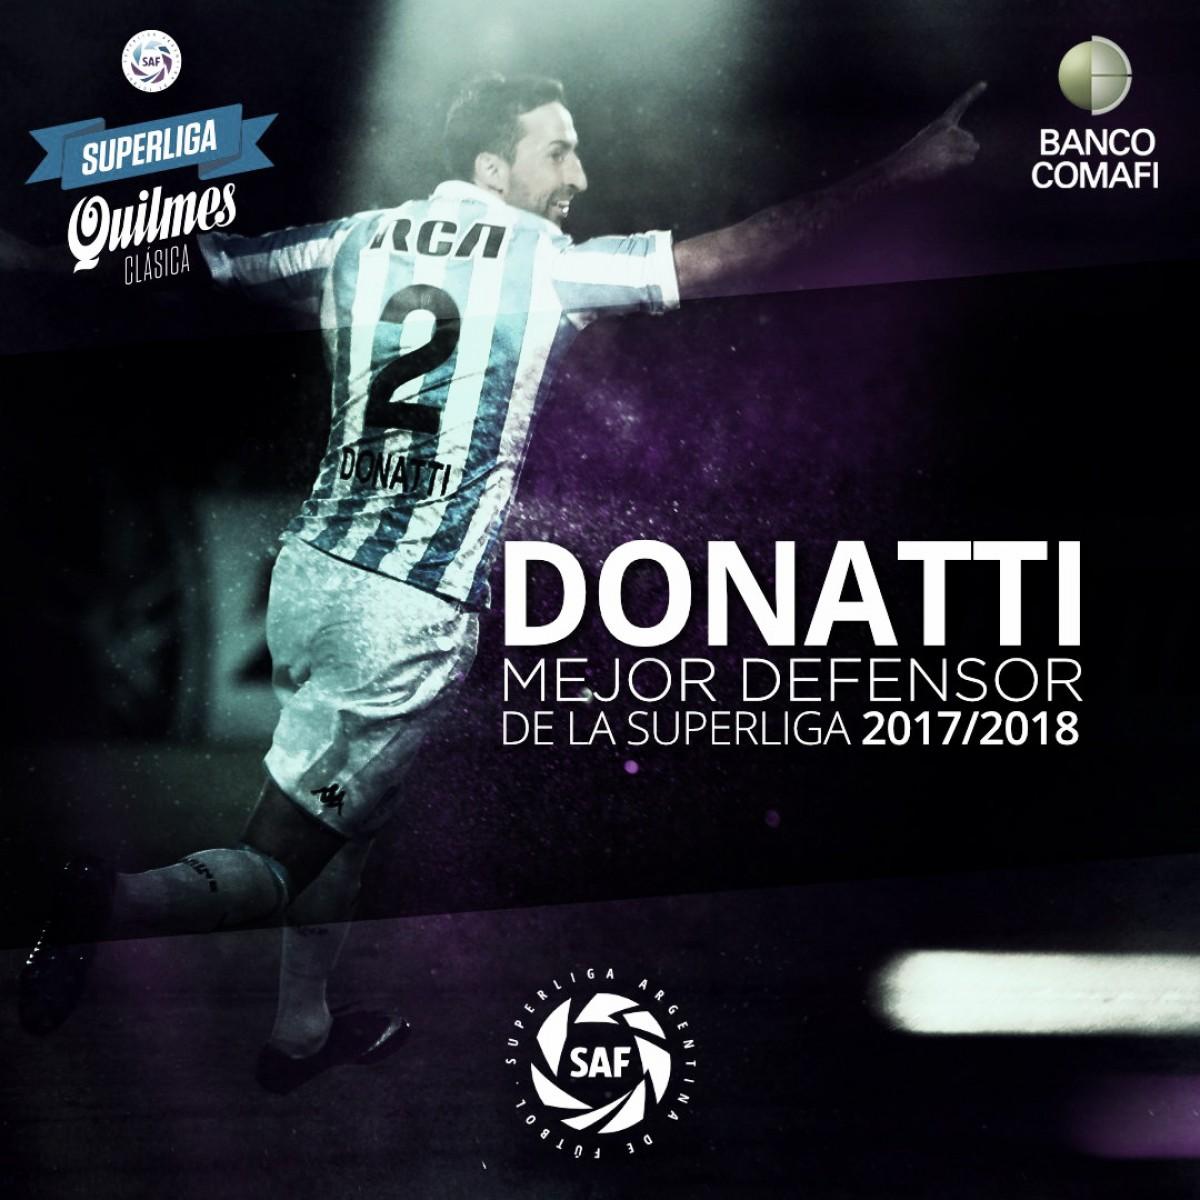 Ex-Flamengo, Donatti é eleito melhor defensor da Superliga Argentina 2017-18 pelo Racing